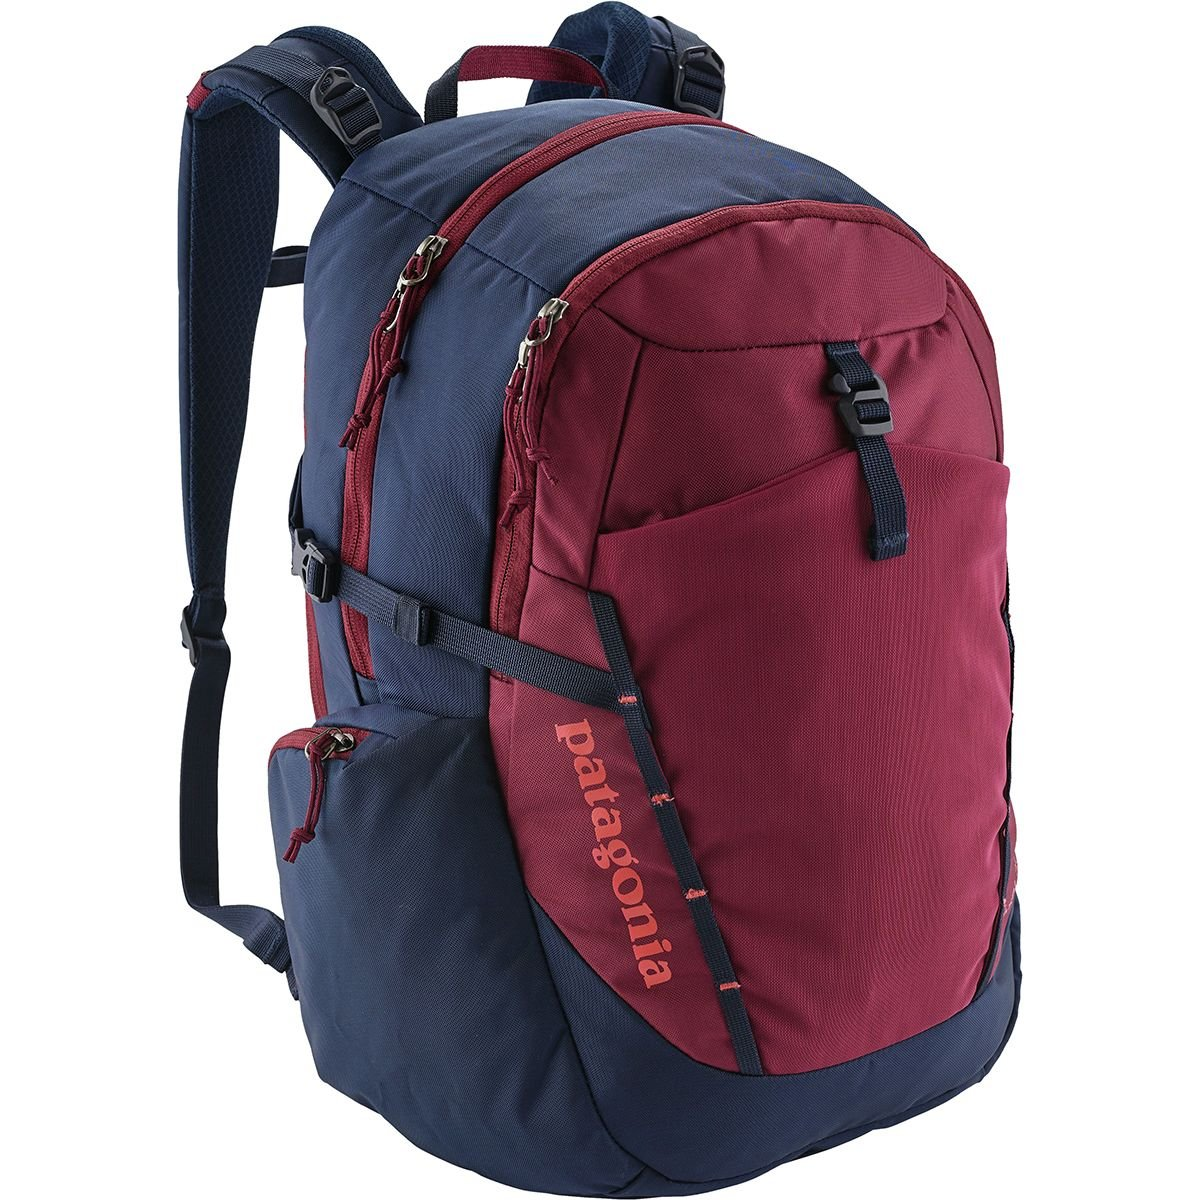 (パタゴニア) Patagonia Paxat 30L Backpack - Women'sレディース バックパック リュック Arrow Red [並行輸入品] One Size  B07F9LVVGN